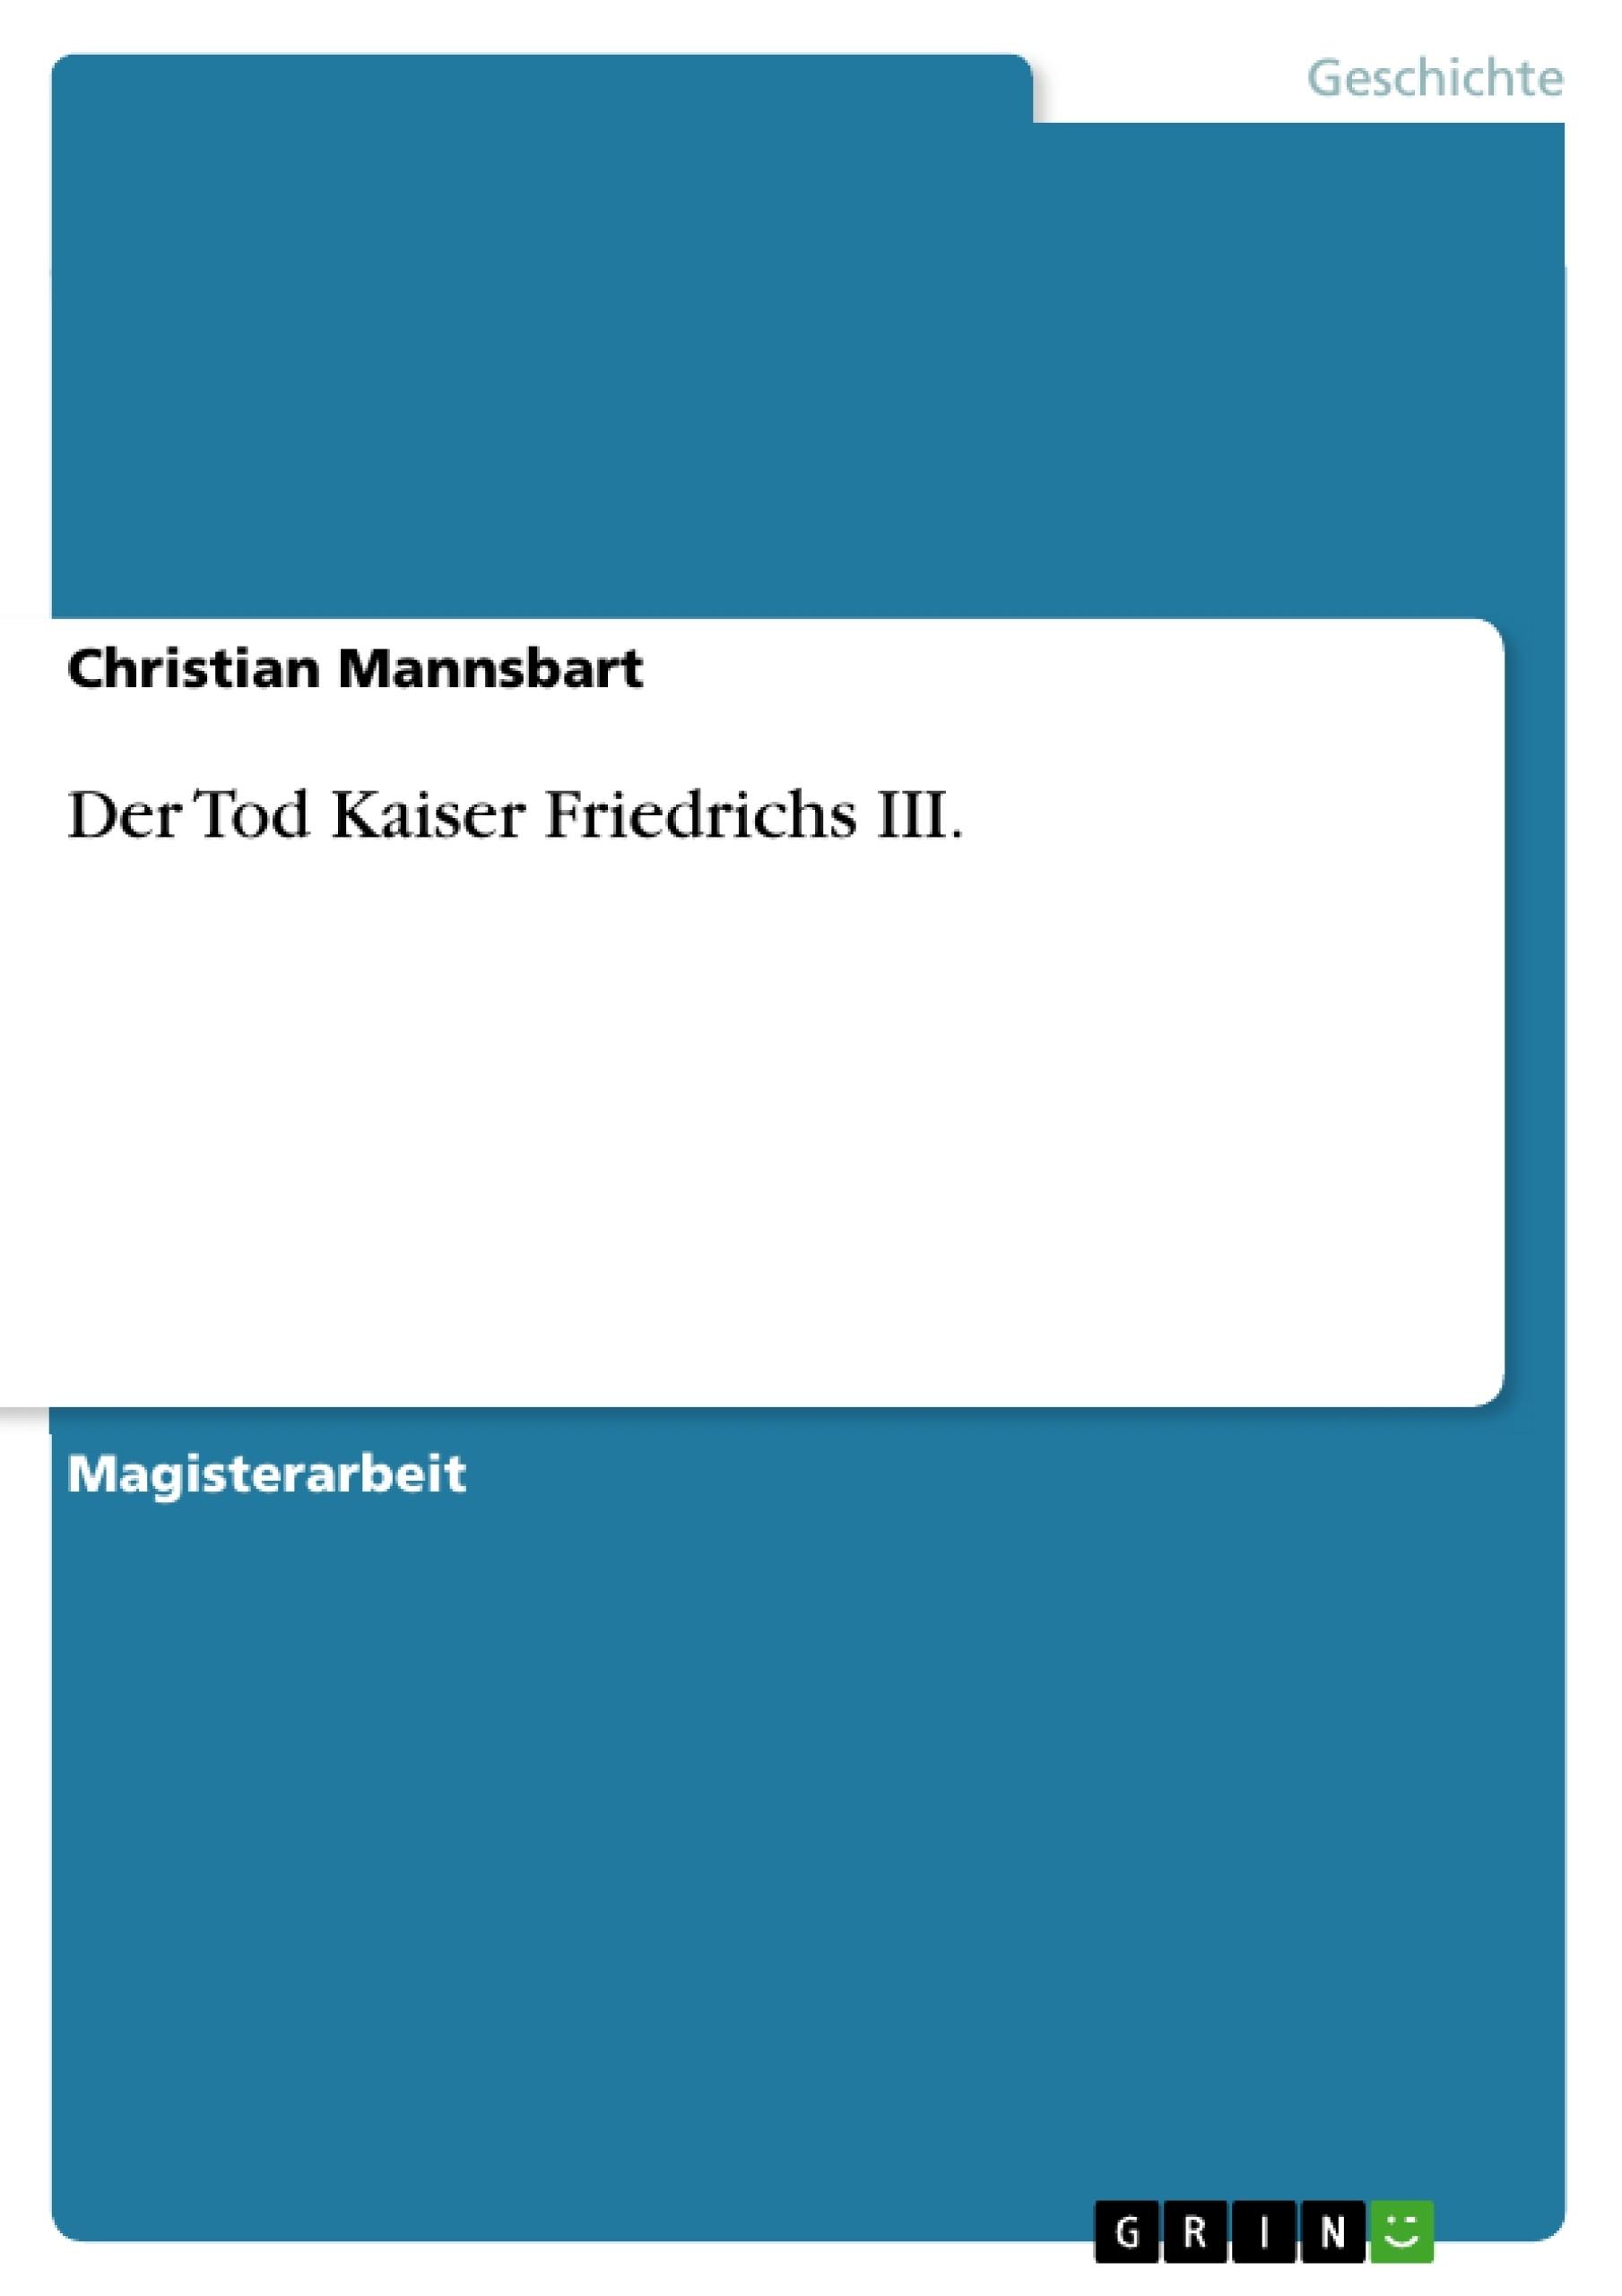 Der Tod Kaiser Friedrichs III. | Masterarbeit, Hausarbeit ...